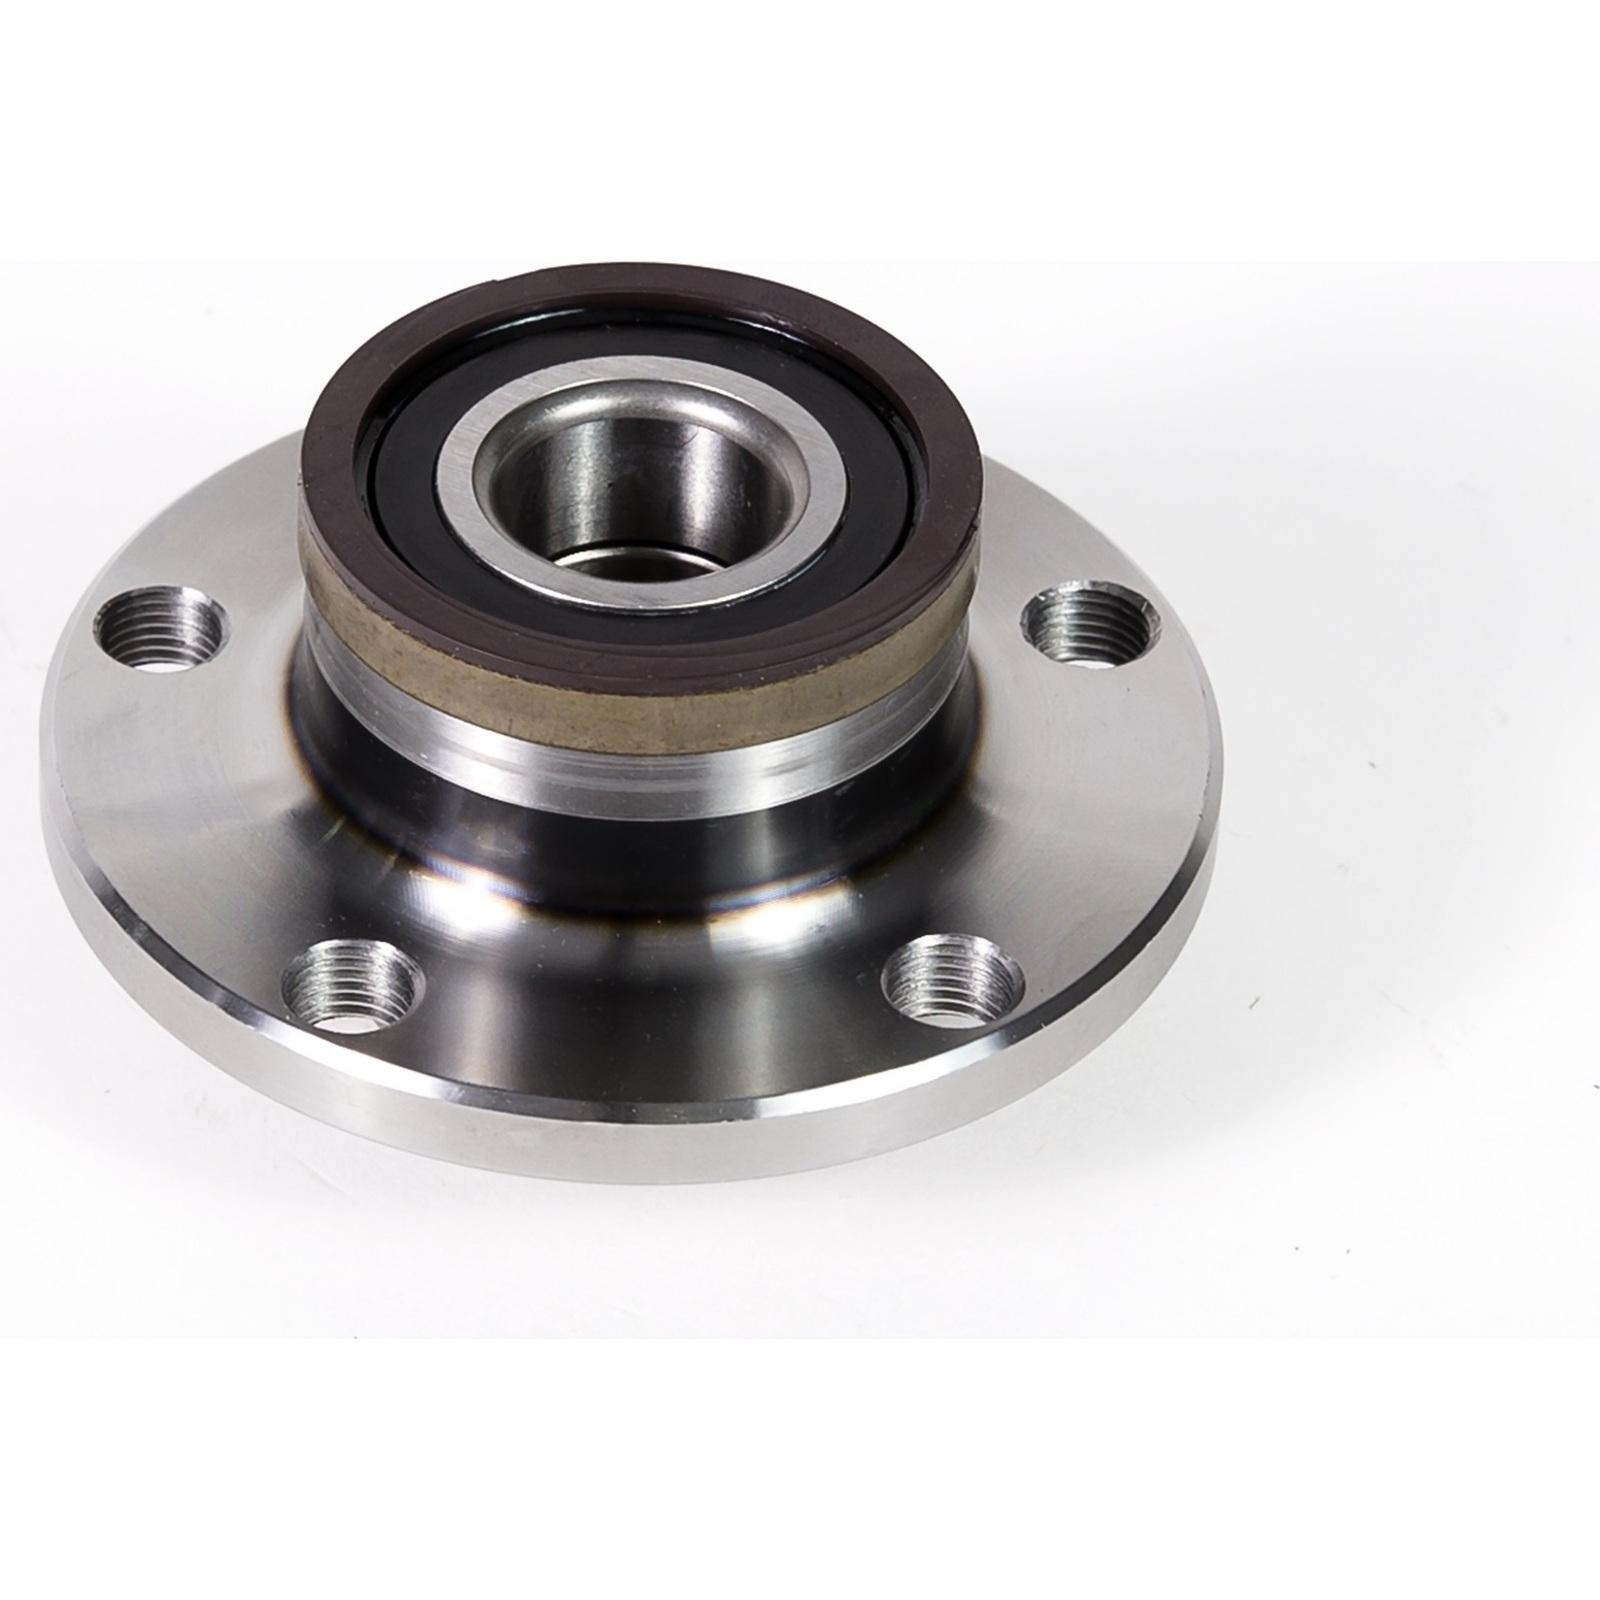 KRAFT AUTOMOTIVE Radlagersatz für Radaufhängung 4101280